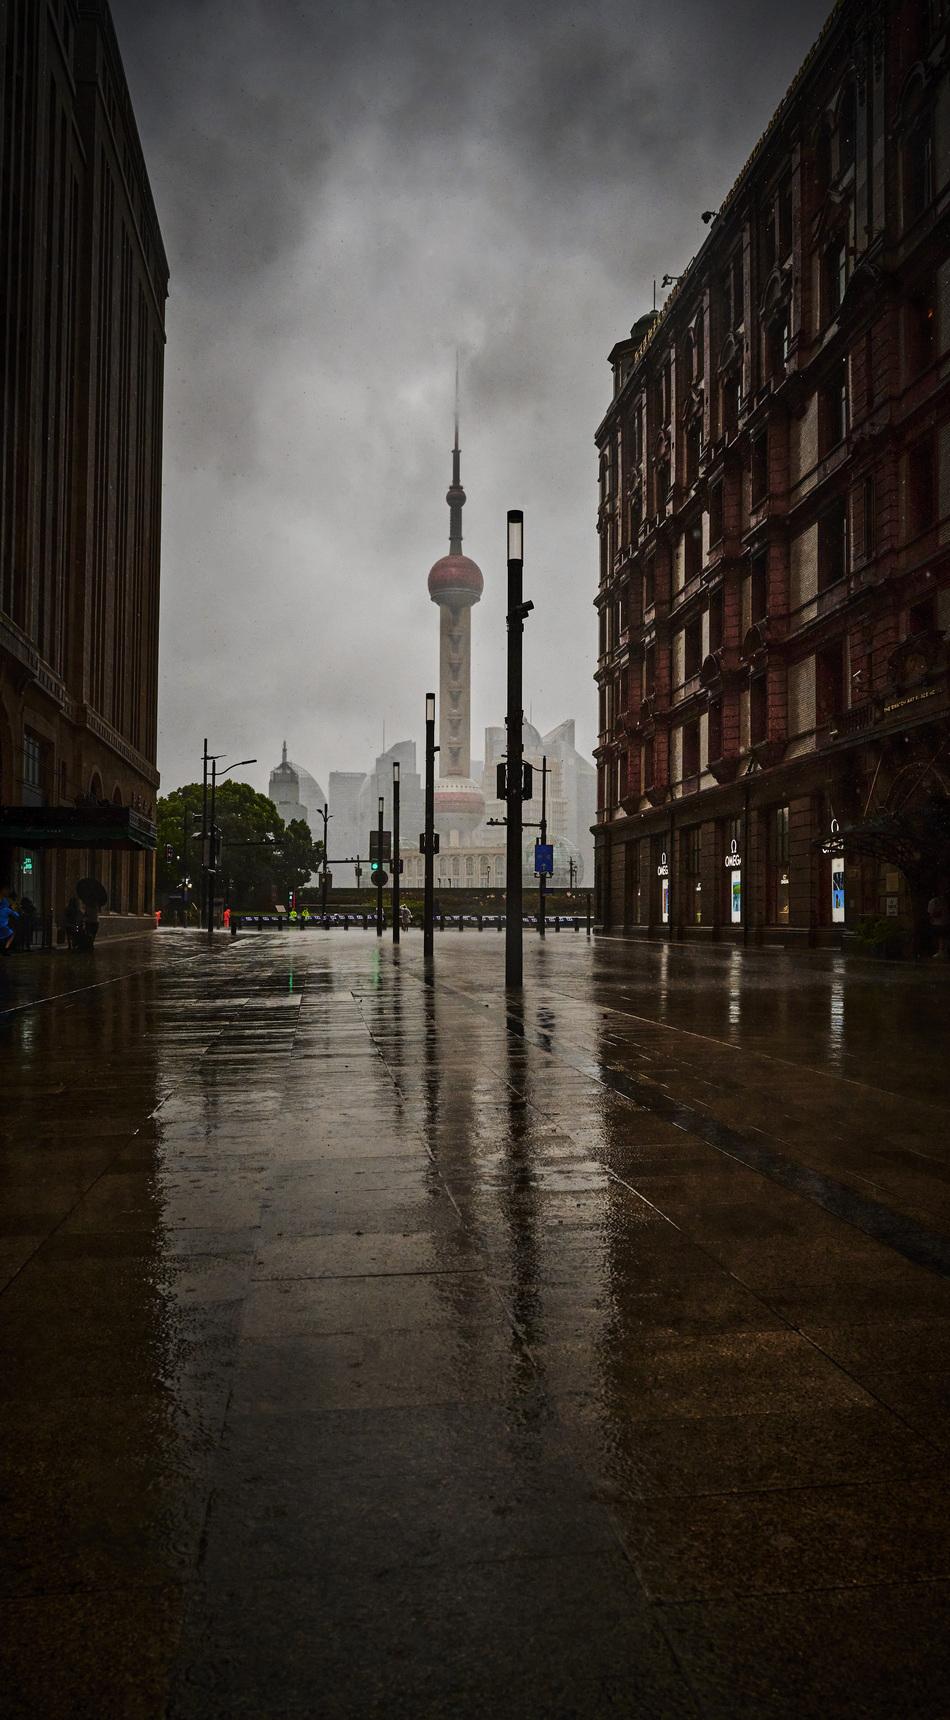 2021年7月25日14时许,台风来临前南京东路外滩步行街。